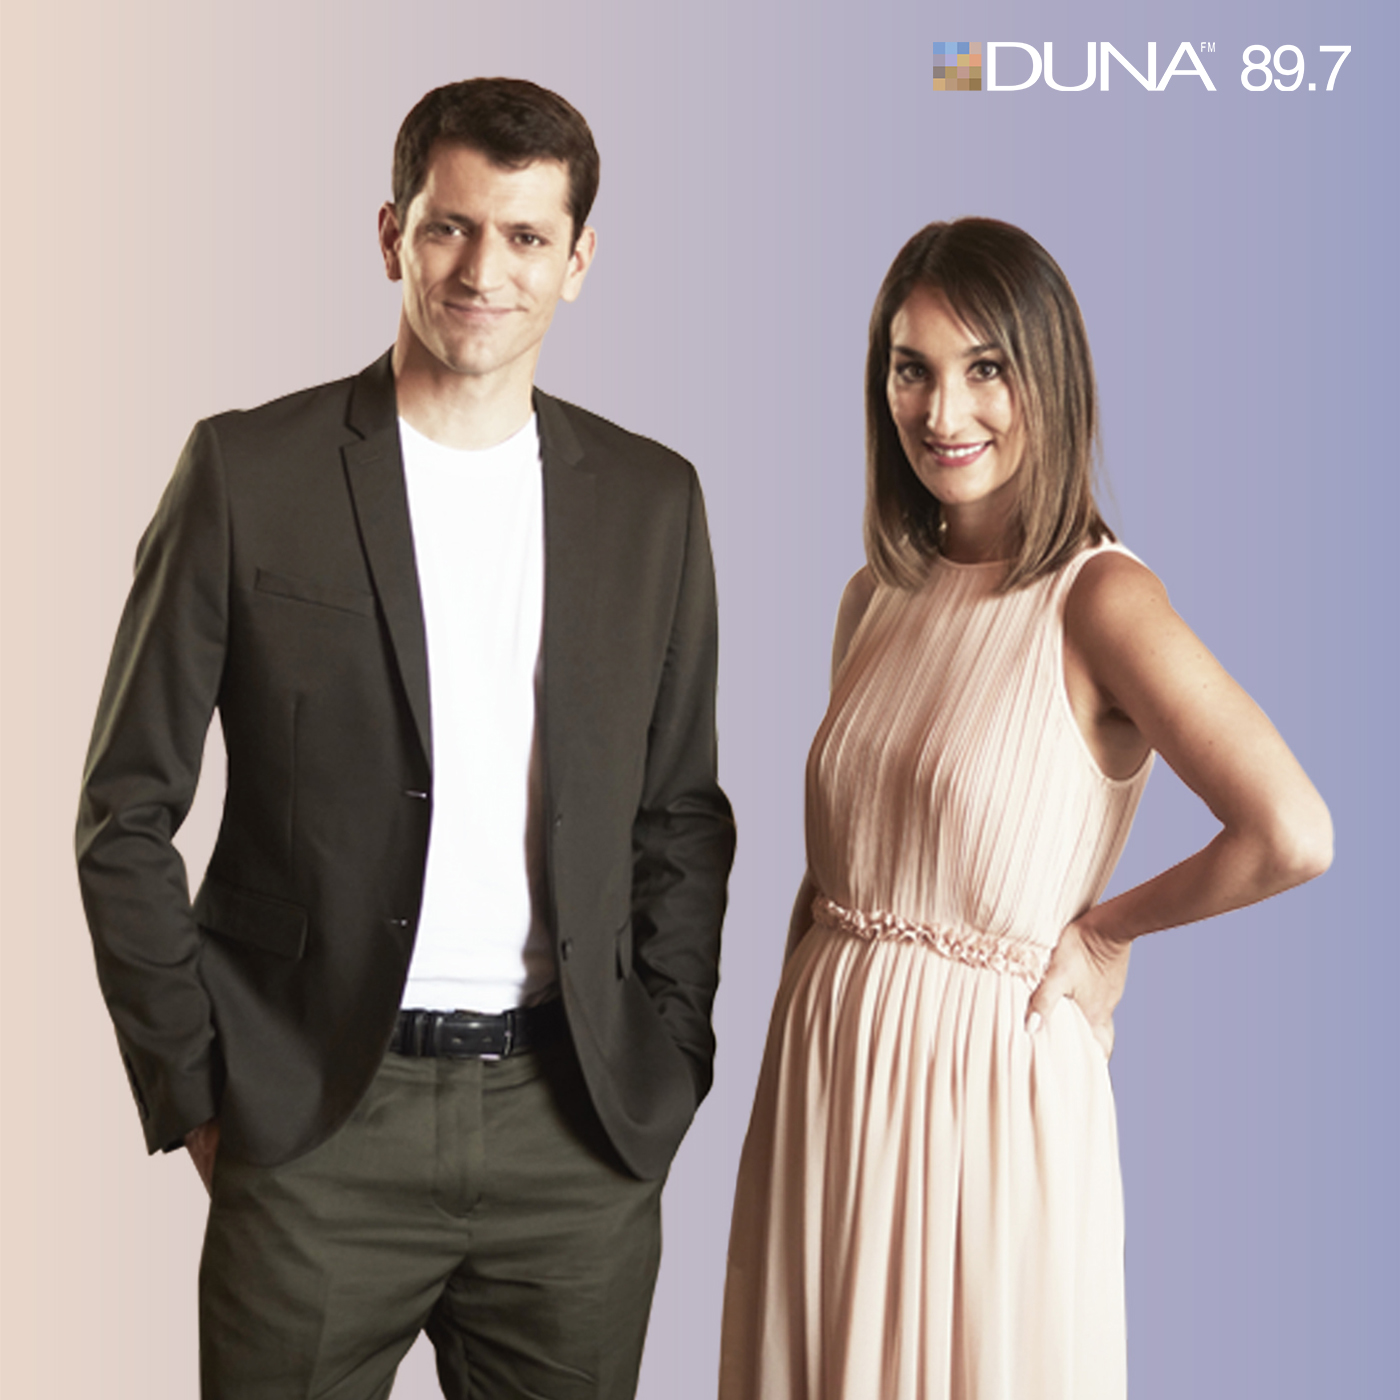 Radio Duna - Noticias en Duna